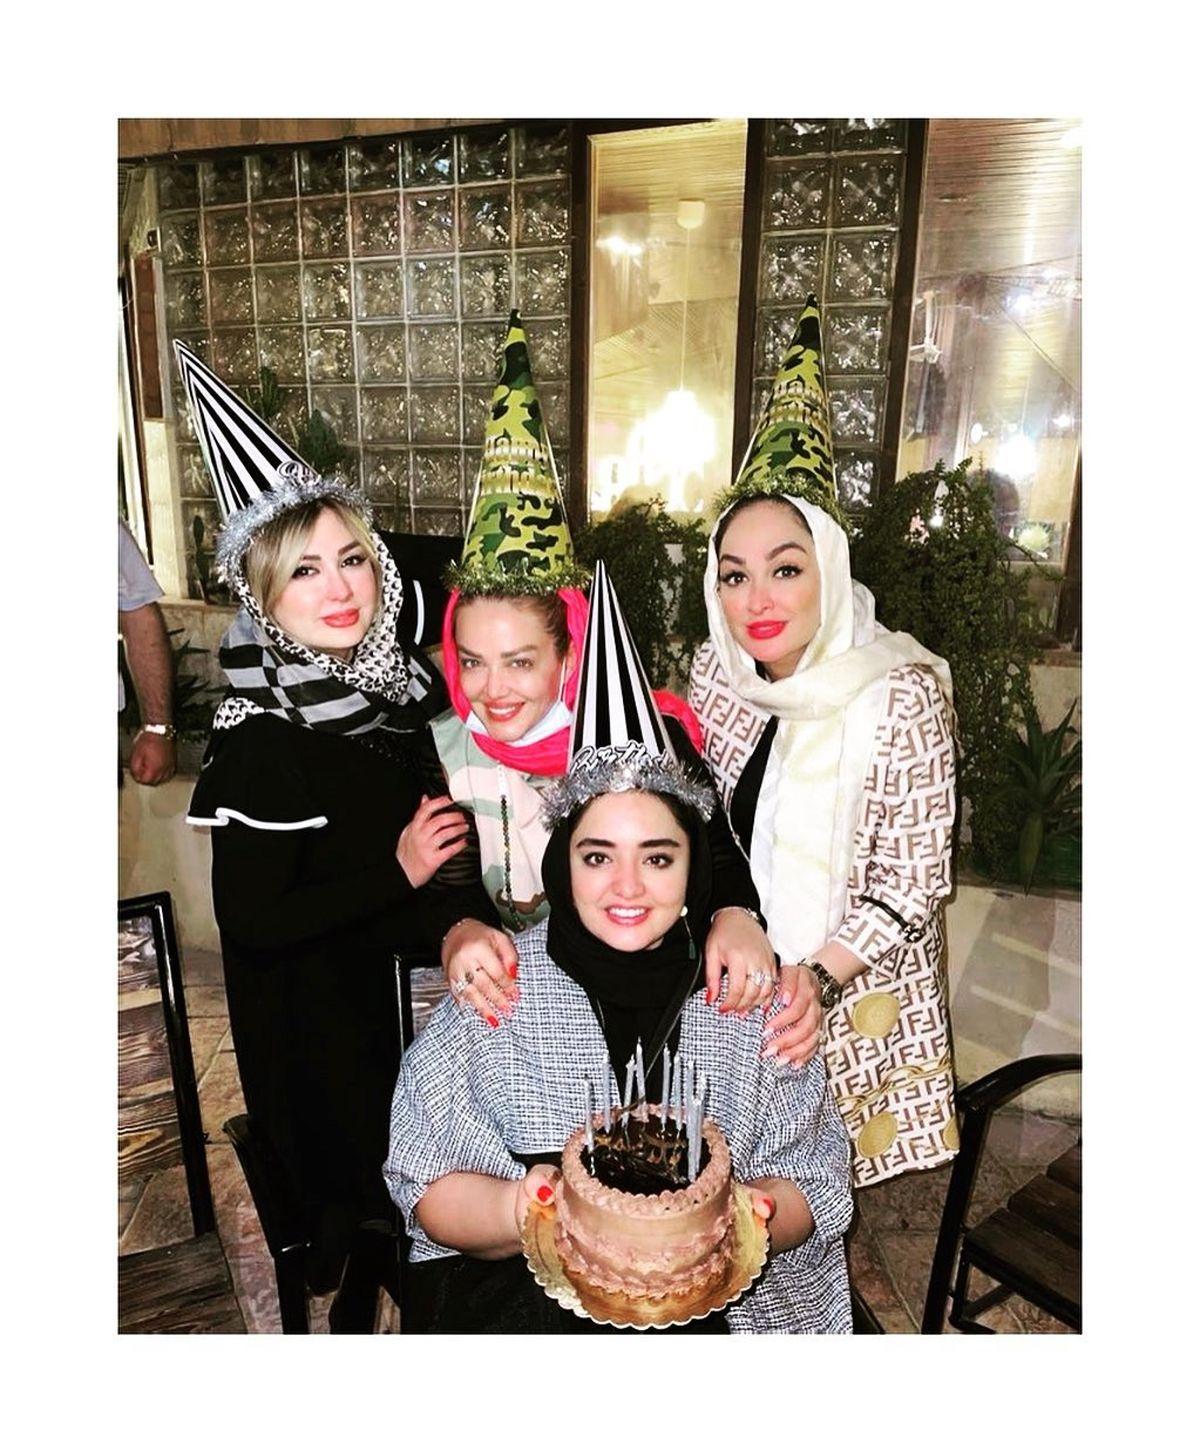 سوپرایز جشن تولد نرگس محمدی توسط بهاره رهنما و نیوشا ضیغمی +عکس